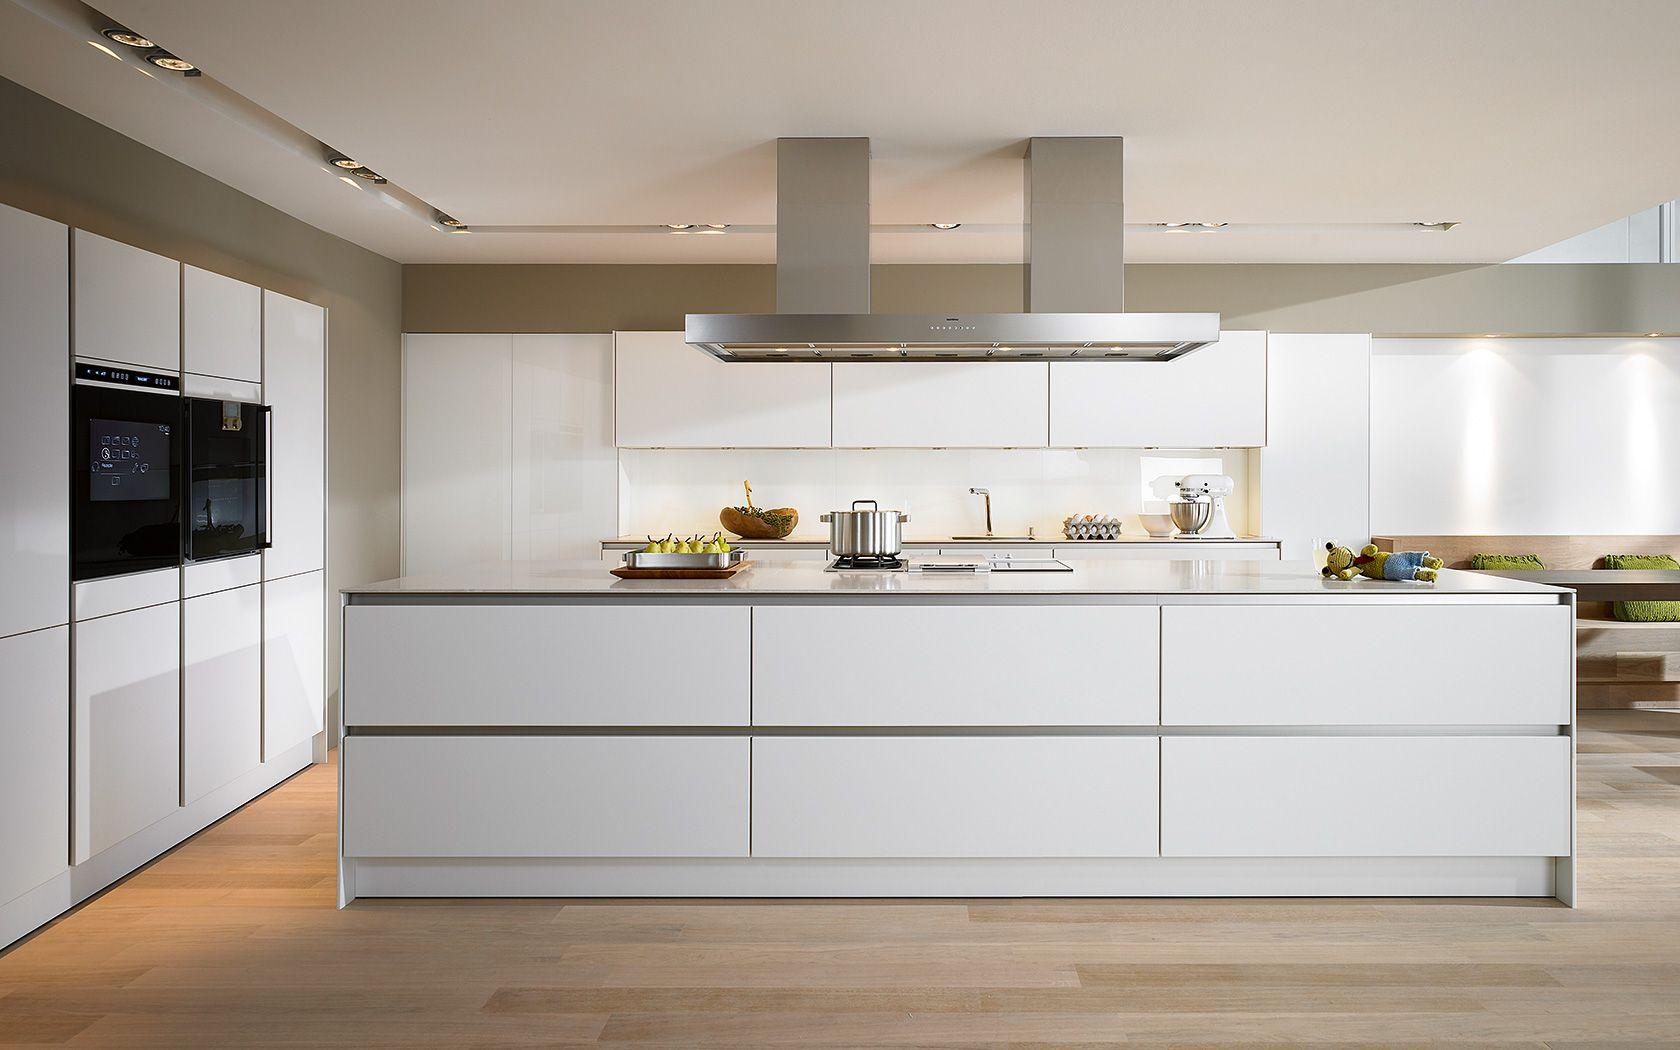 Moderne Küche Ohne Griff S2 Siematic De Ball Park Apartments